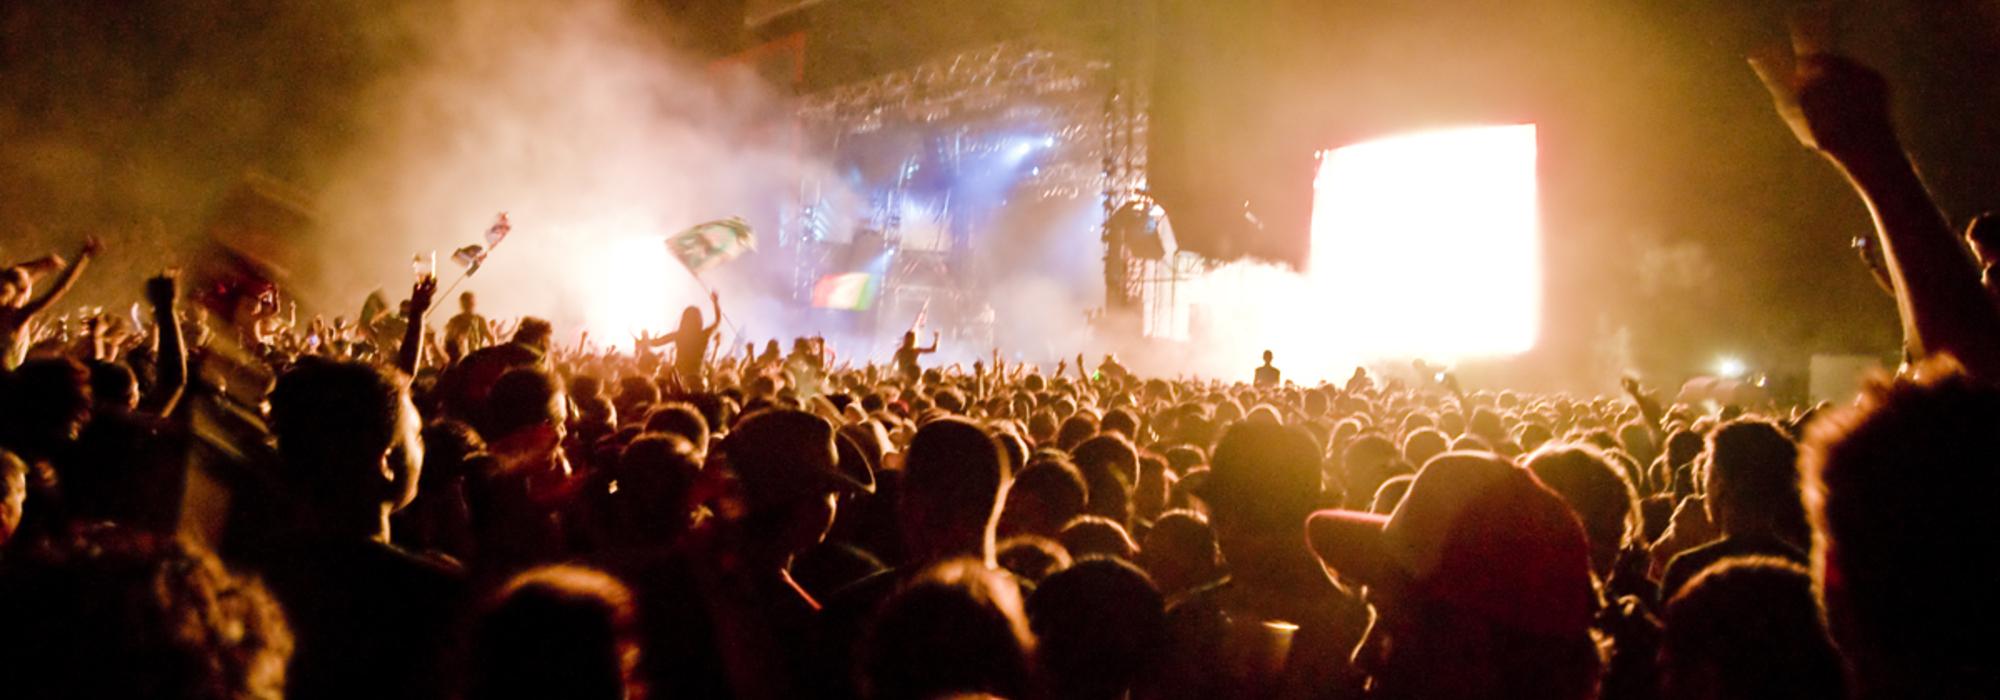 A Desert Trip Festival live event